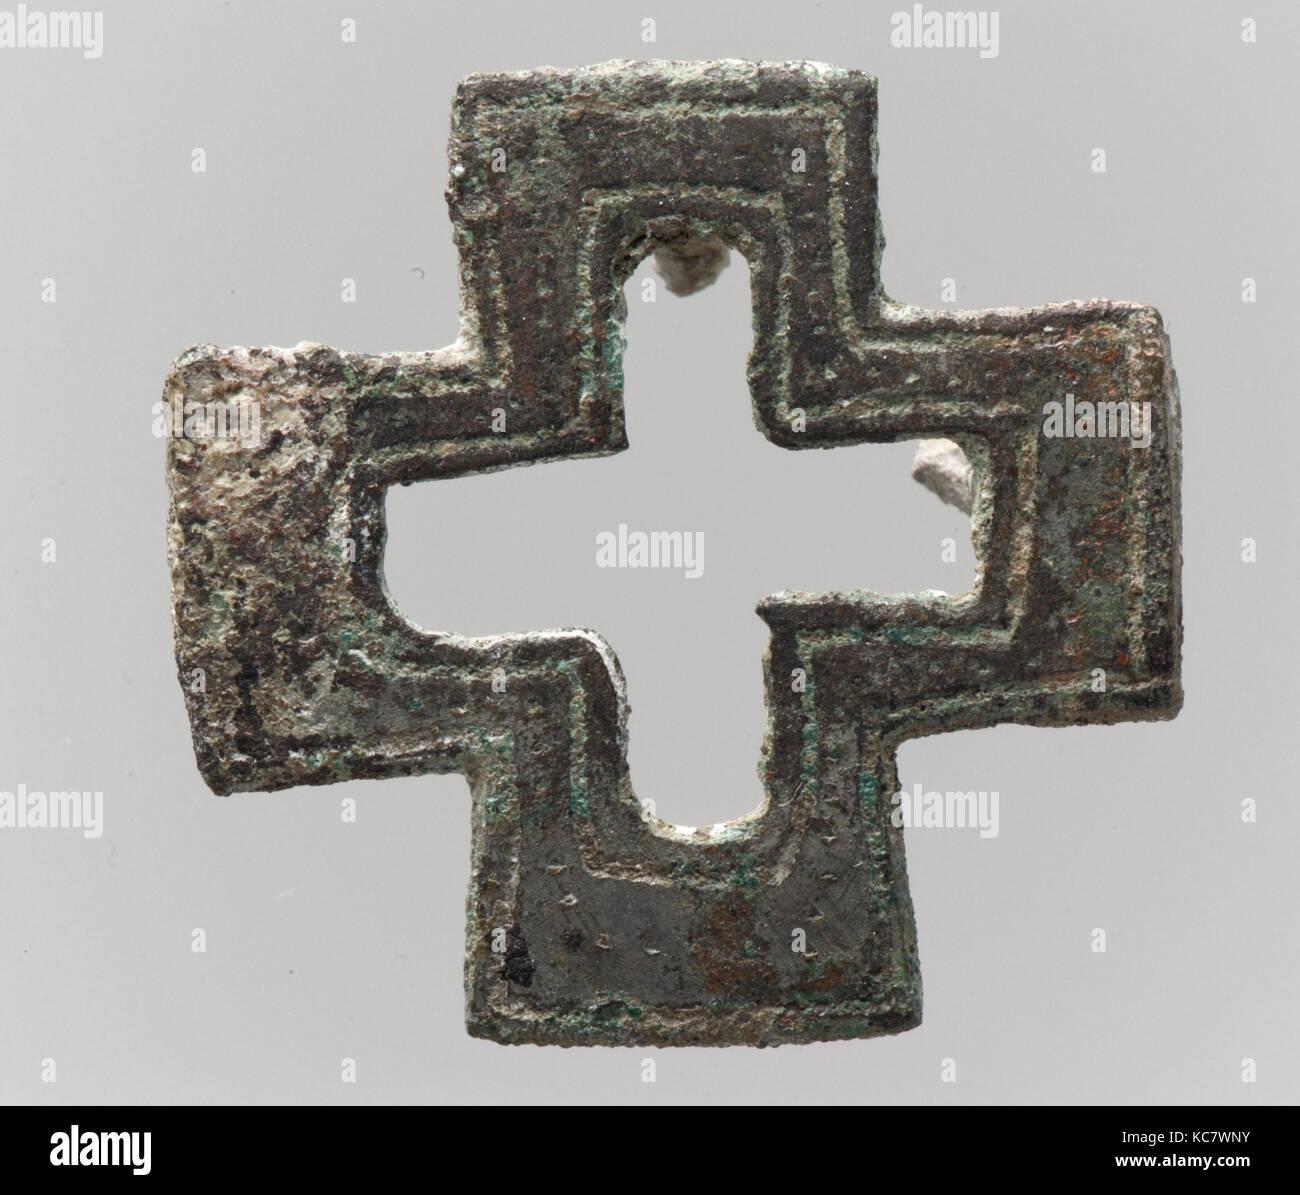 4d3614adaf Borsa il monte a forma di croce, 600-700, realizzata in Francia francone,  argentato in lega di rame, complessivo: 1 1/8 x 1 1/8 x 3/8 poll.